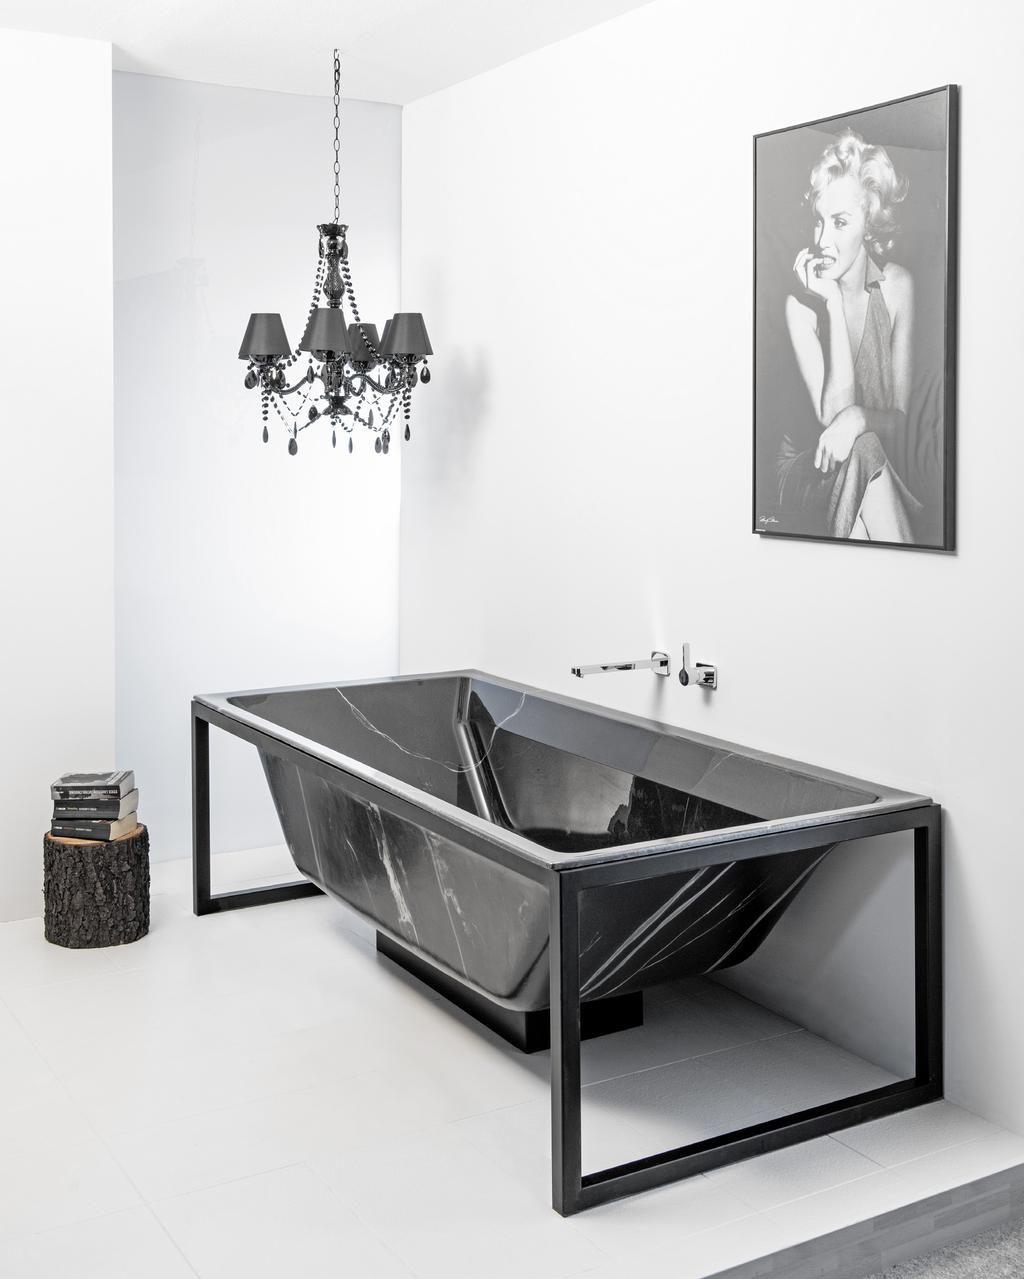 Moderner Luxus Badewanne Mit Steinberg Armaturen Bad Inspiration Duschsaulen Modernen Luxus